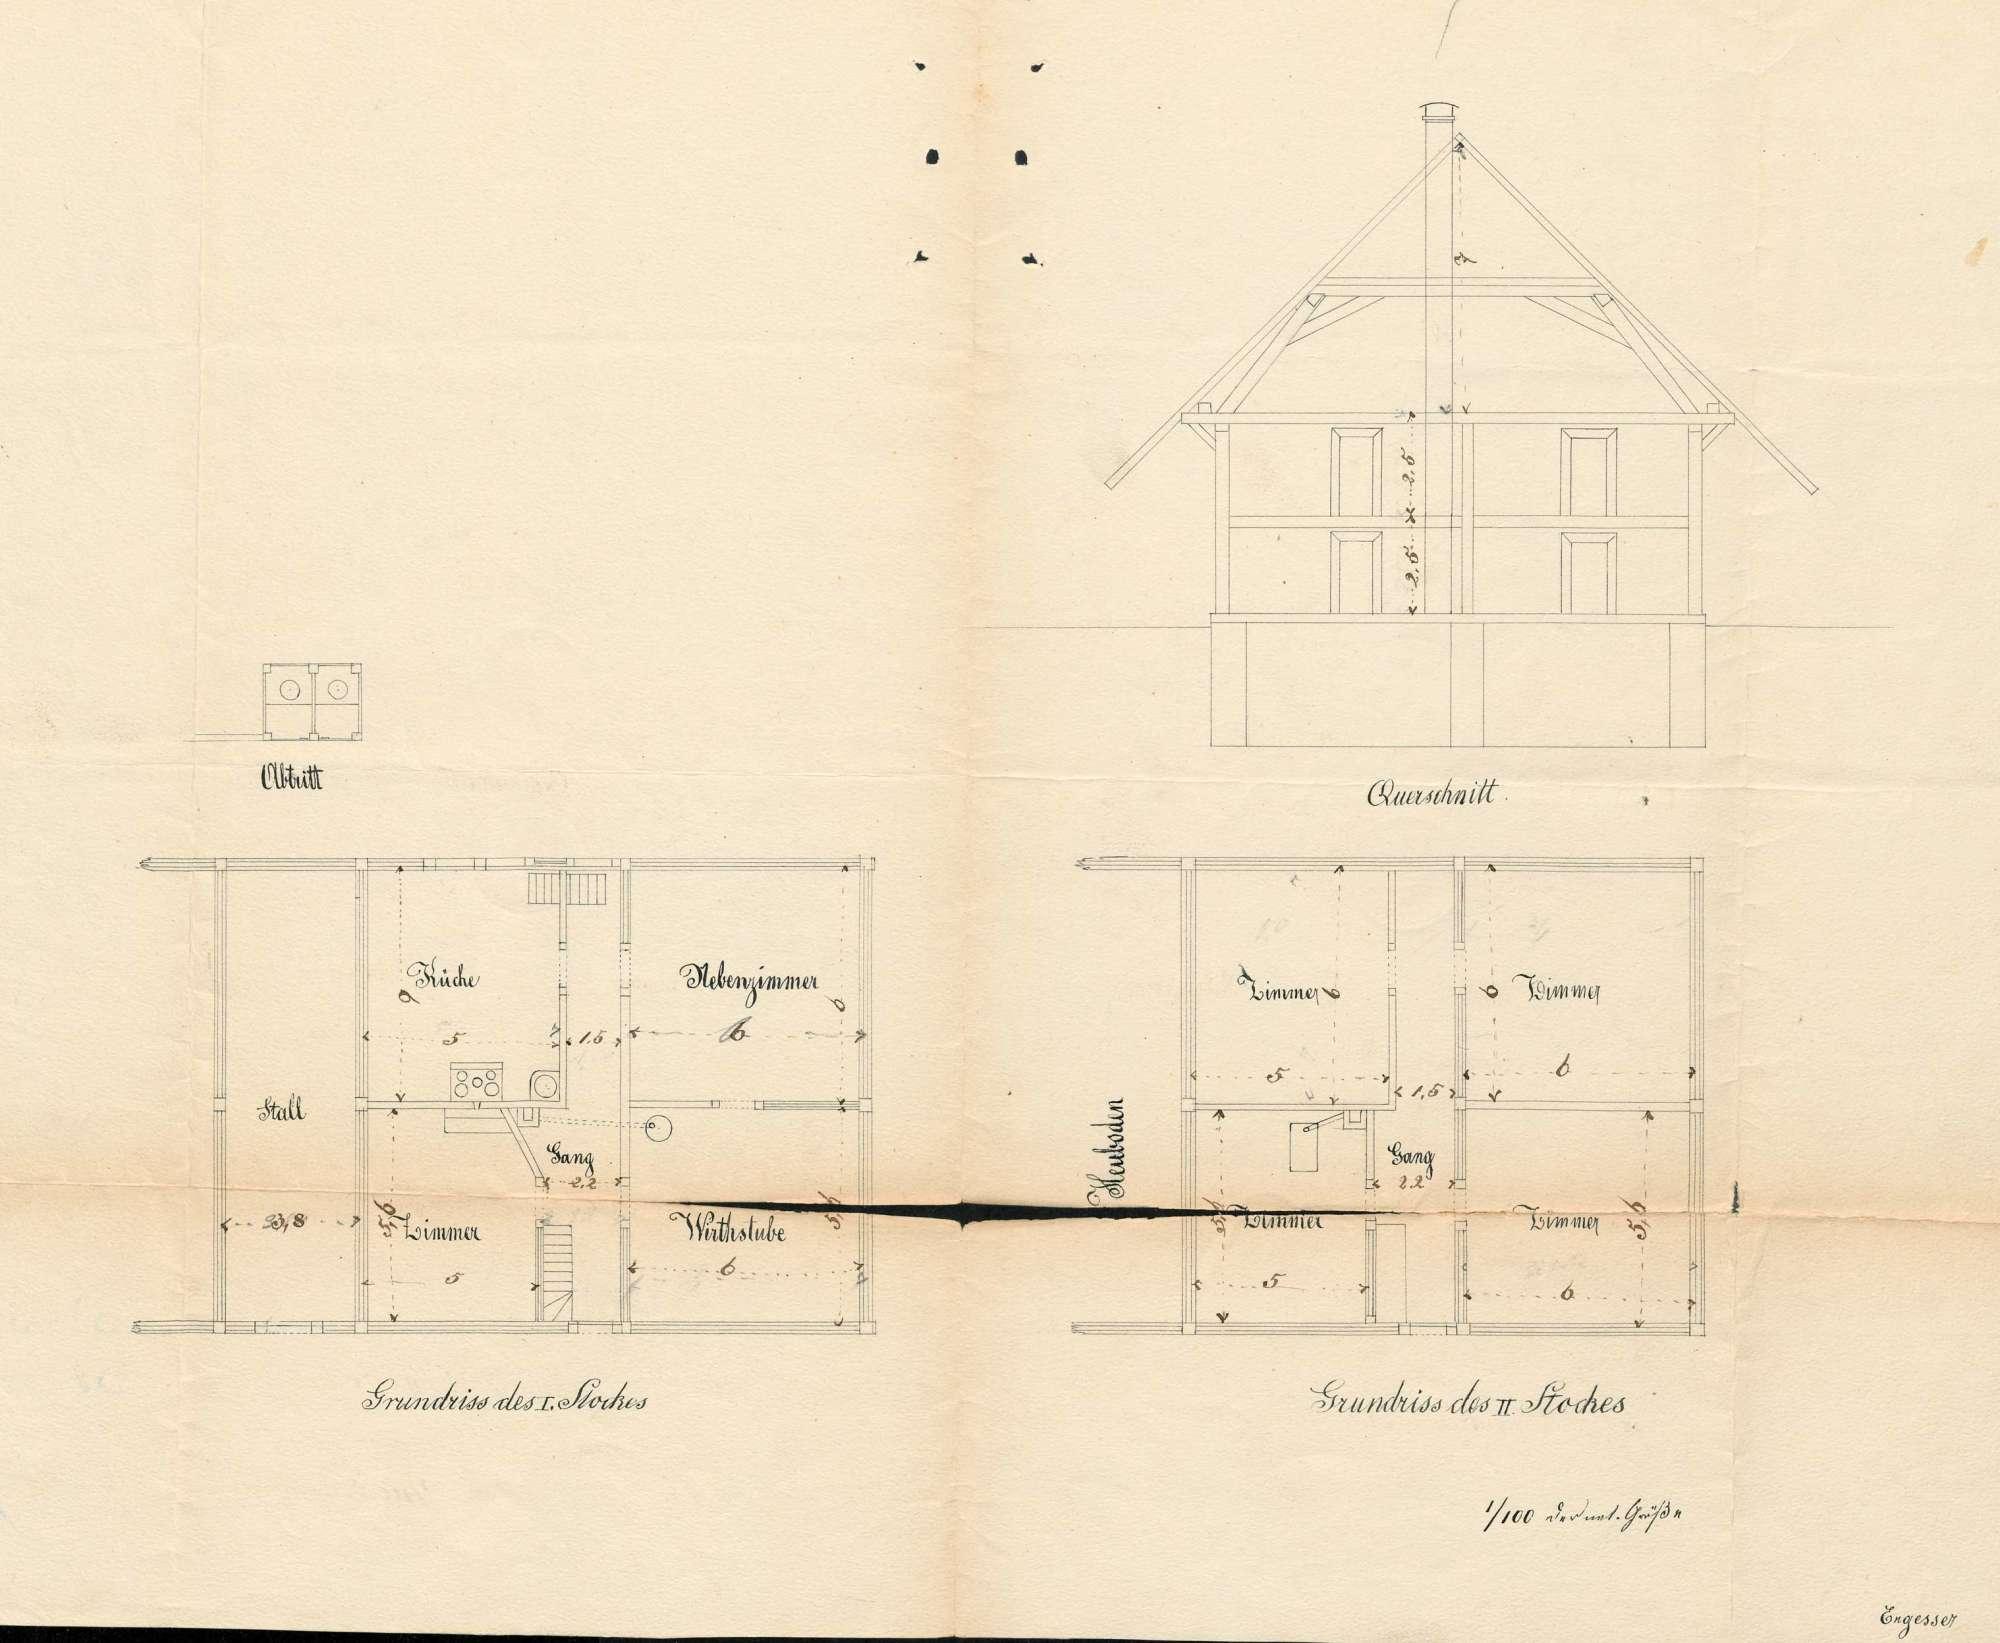 Verleihung der Wirtschaftskonzession für das Gasthaus Zur Eiche in Utzenfeld, Bild 1